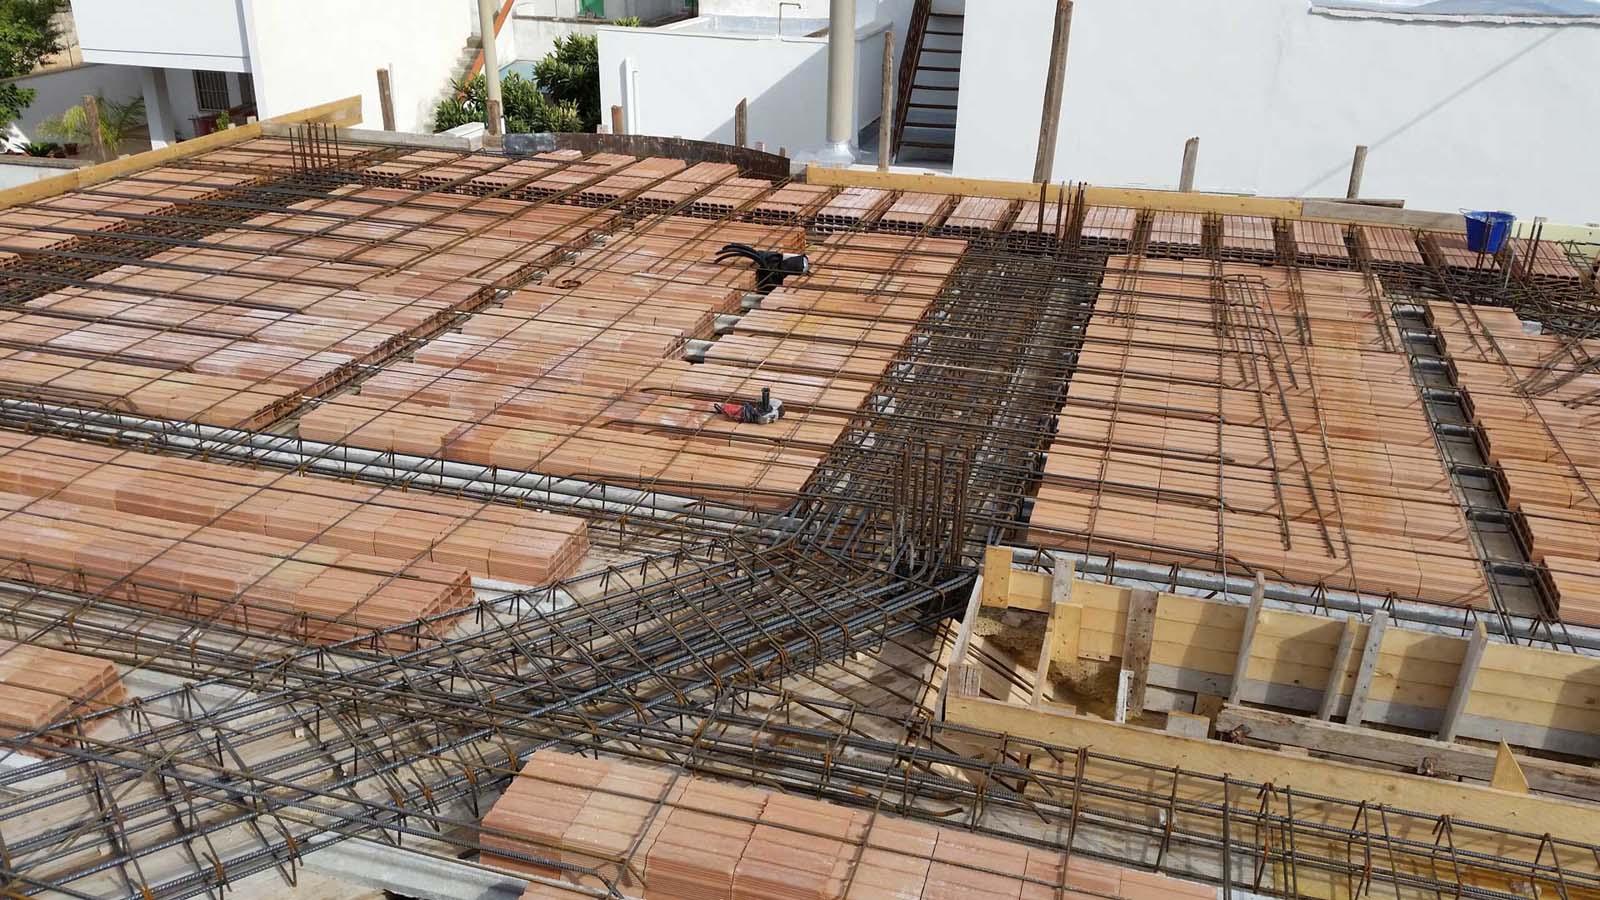 Ingegnere Scozzi - ristrutturazione edilizia con ampliamento